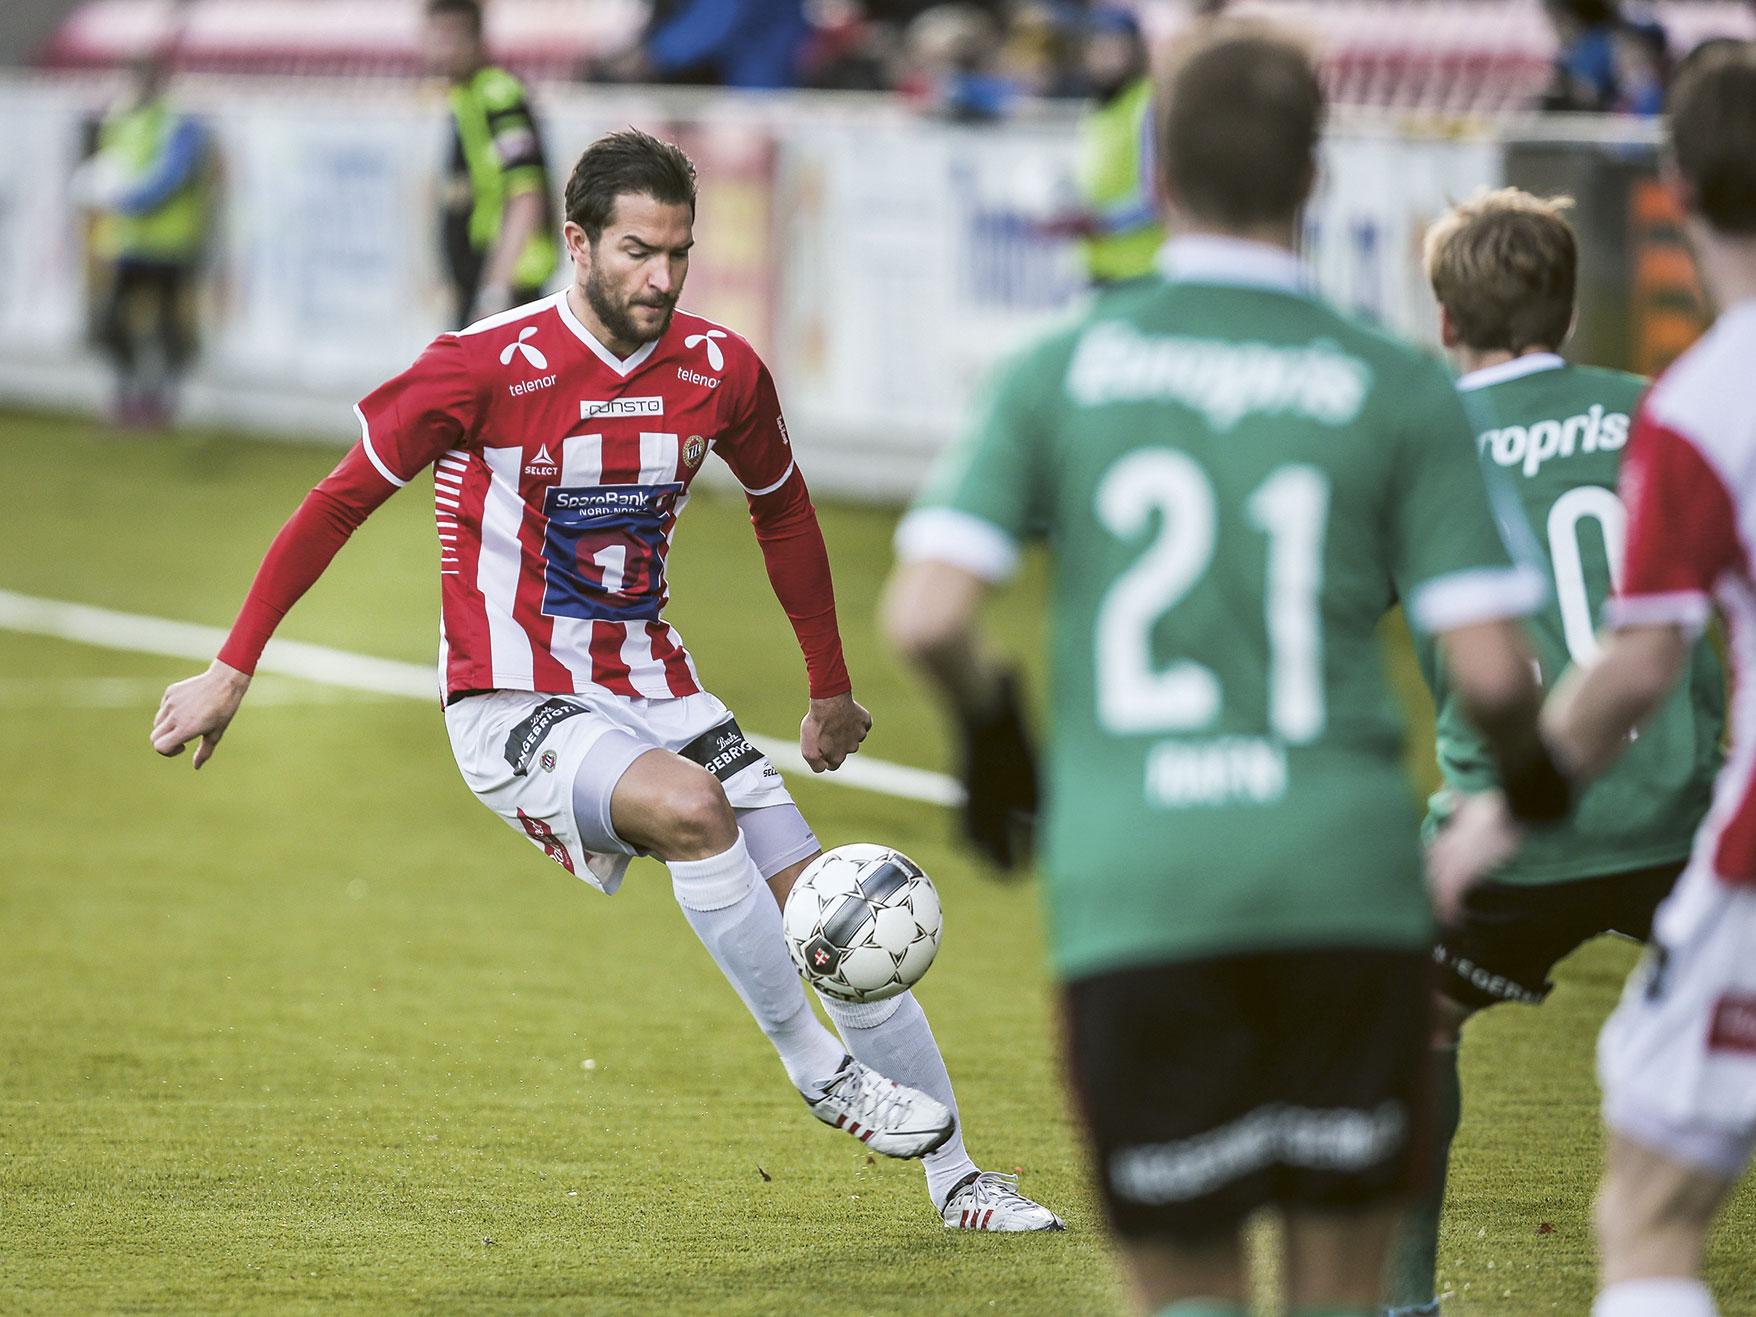 Fra 2015 heter 1. divisjon OBOS-ligaen. Her fra fjorårets sesong da Tromsø spilte mot Fredrikstad. Foto: Nadia Frantsen.